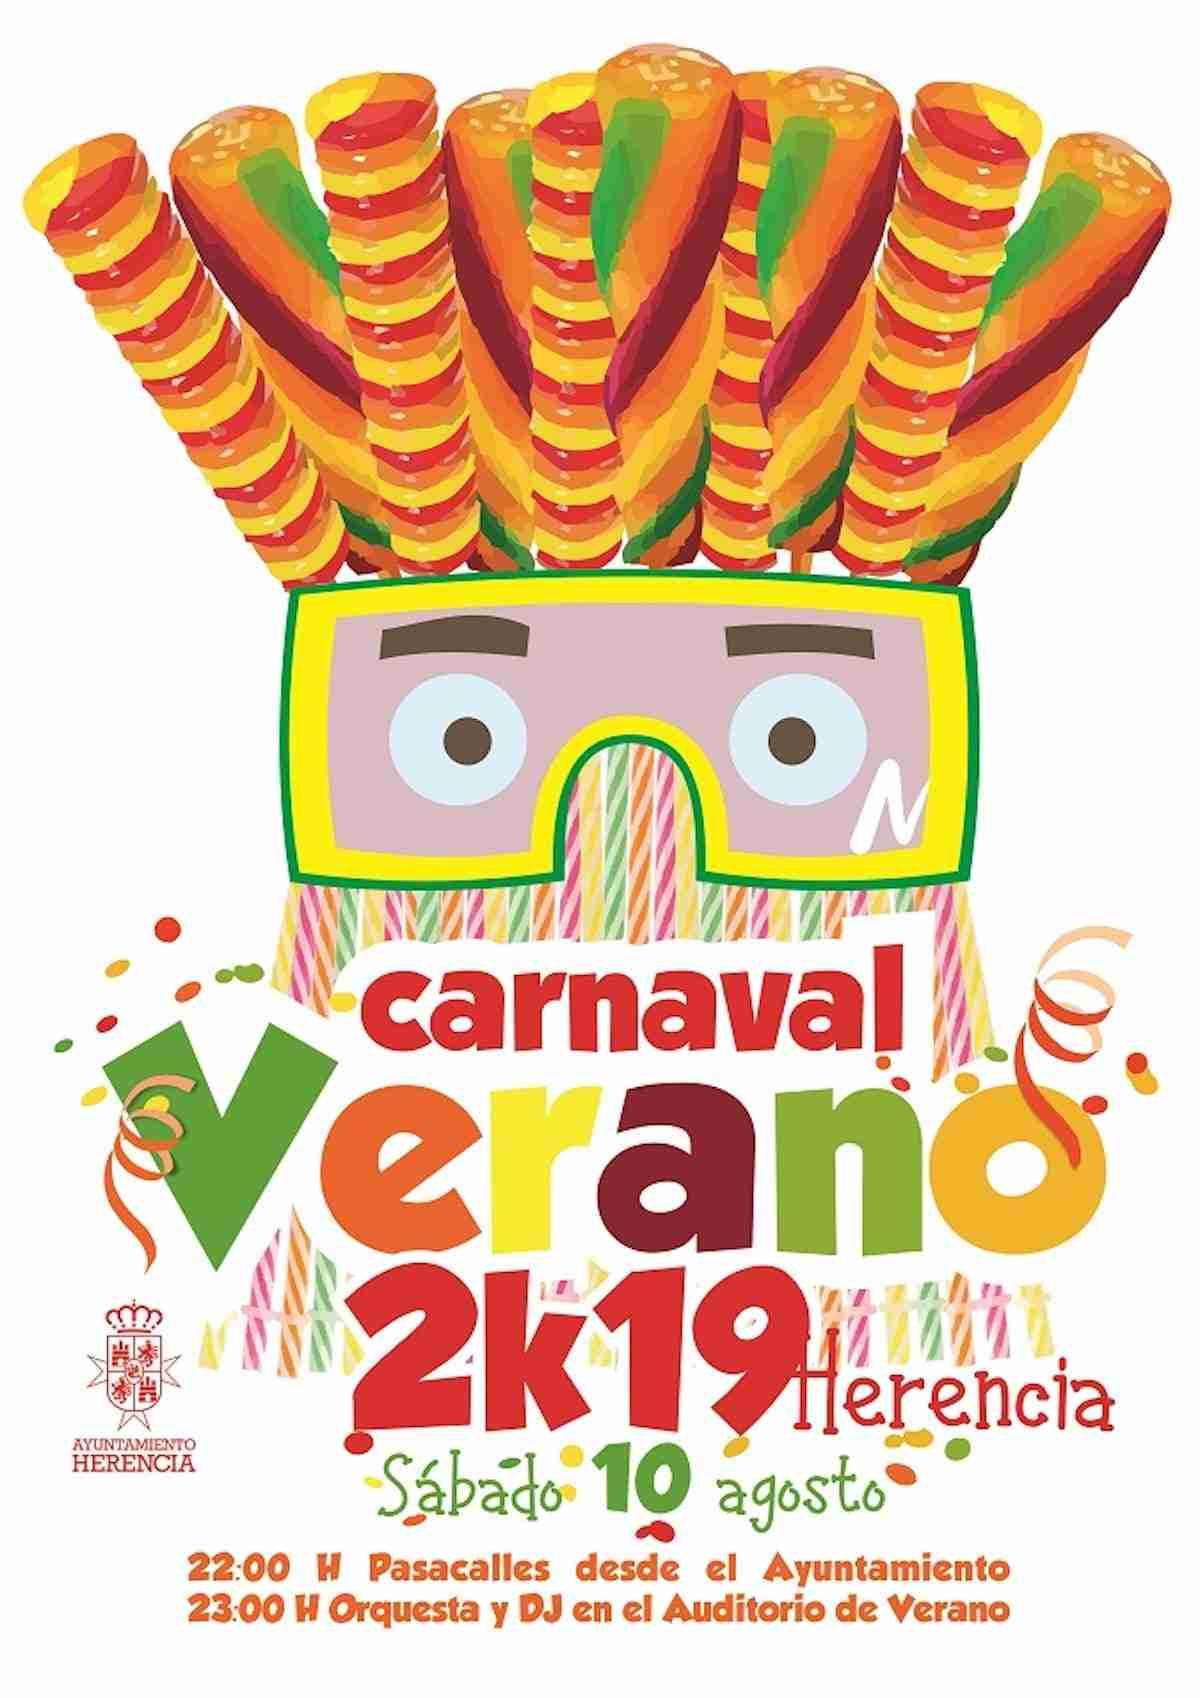 El auténtico Carnaval de Verano ultima sus preparativos en Herencia 3